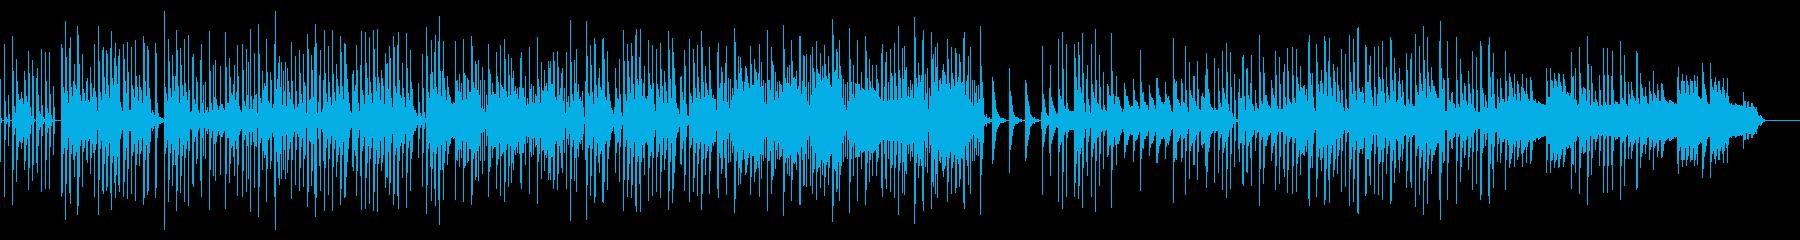 変わった、不思議なシチュエーションにの再生済みの波形